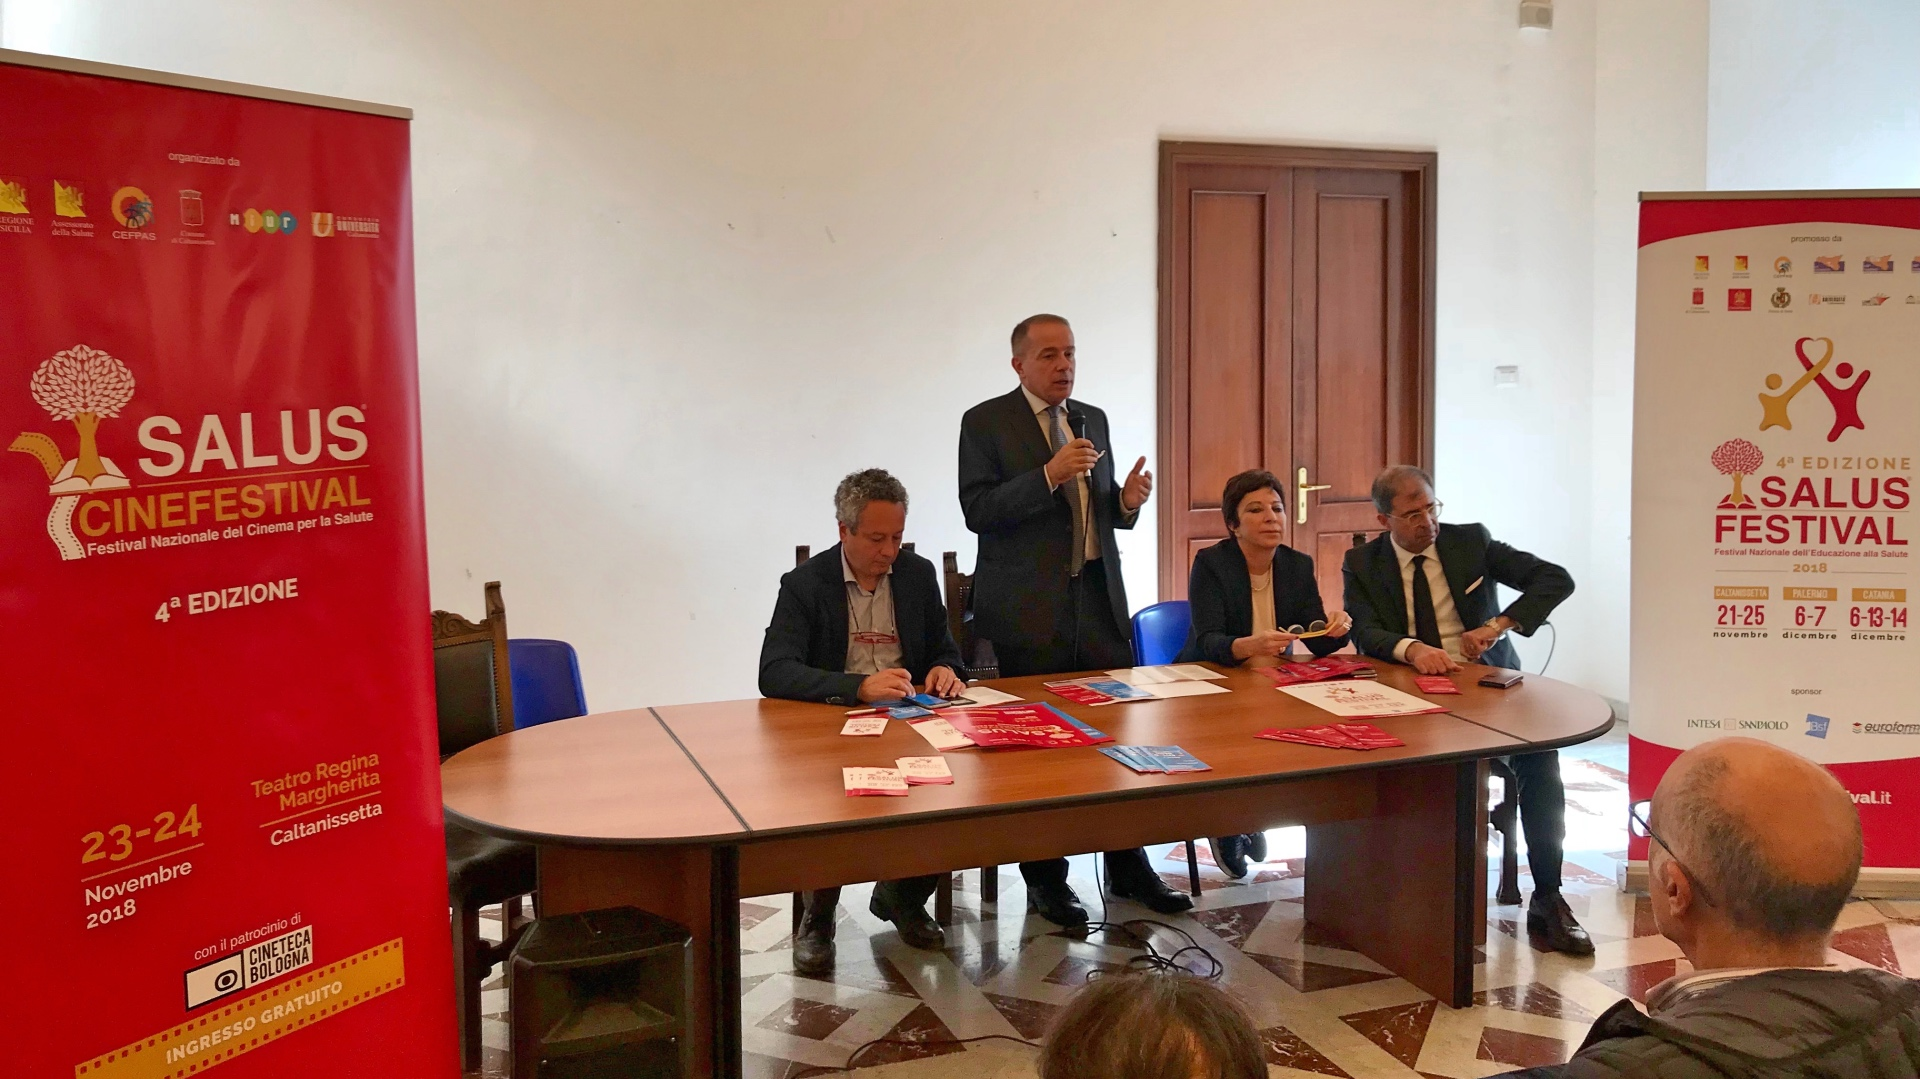 bd97d1415f Prevenzione e sani stili di vita Torna il Salus Festival - Live Sicilia